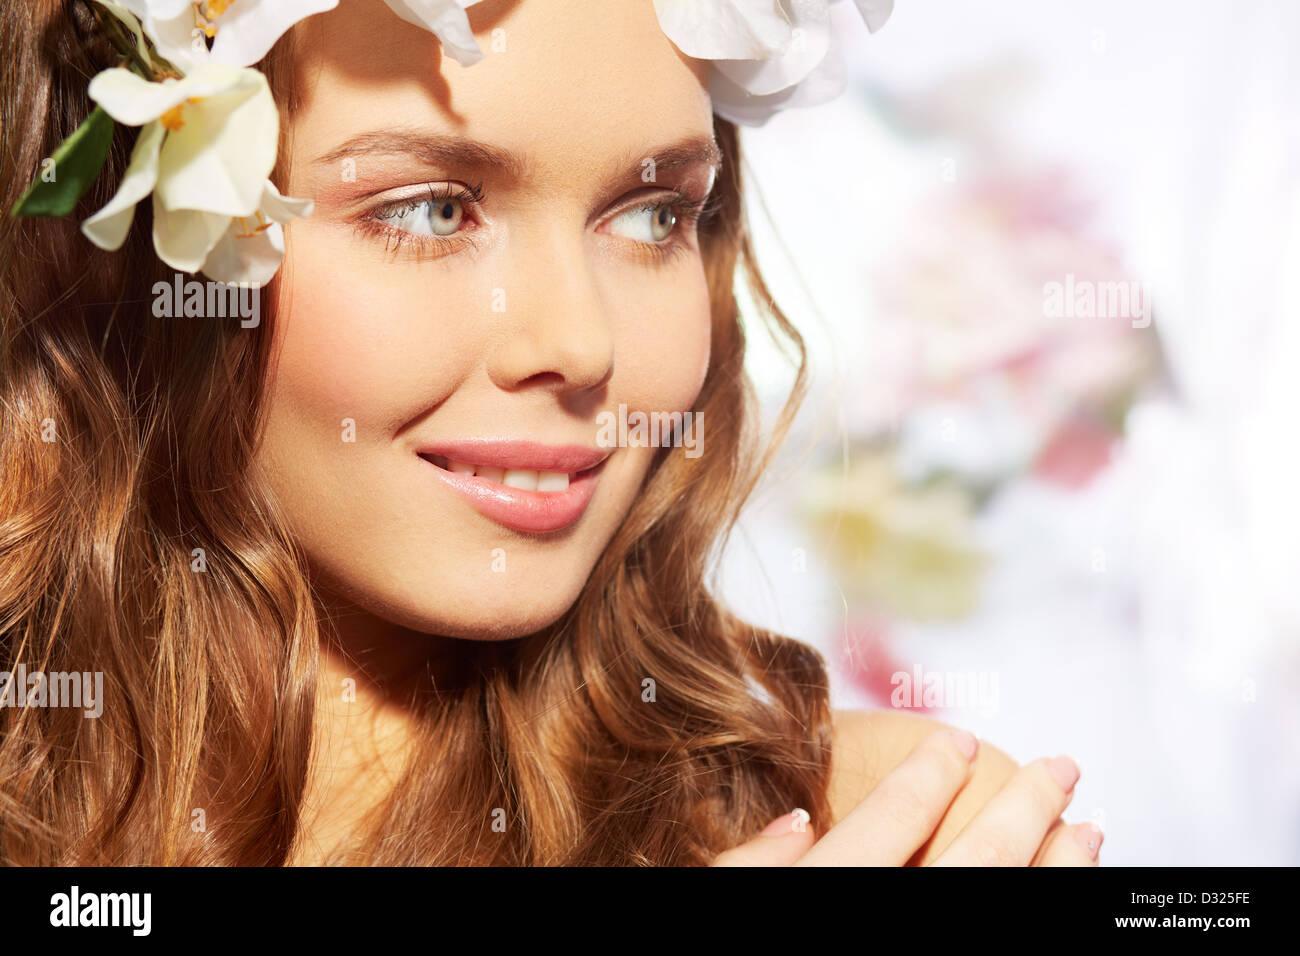 Nahaufnahme Bild eines Mädchens mit hellem Teint und natürliches make-up Stockbild